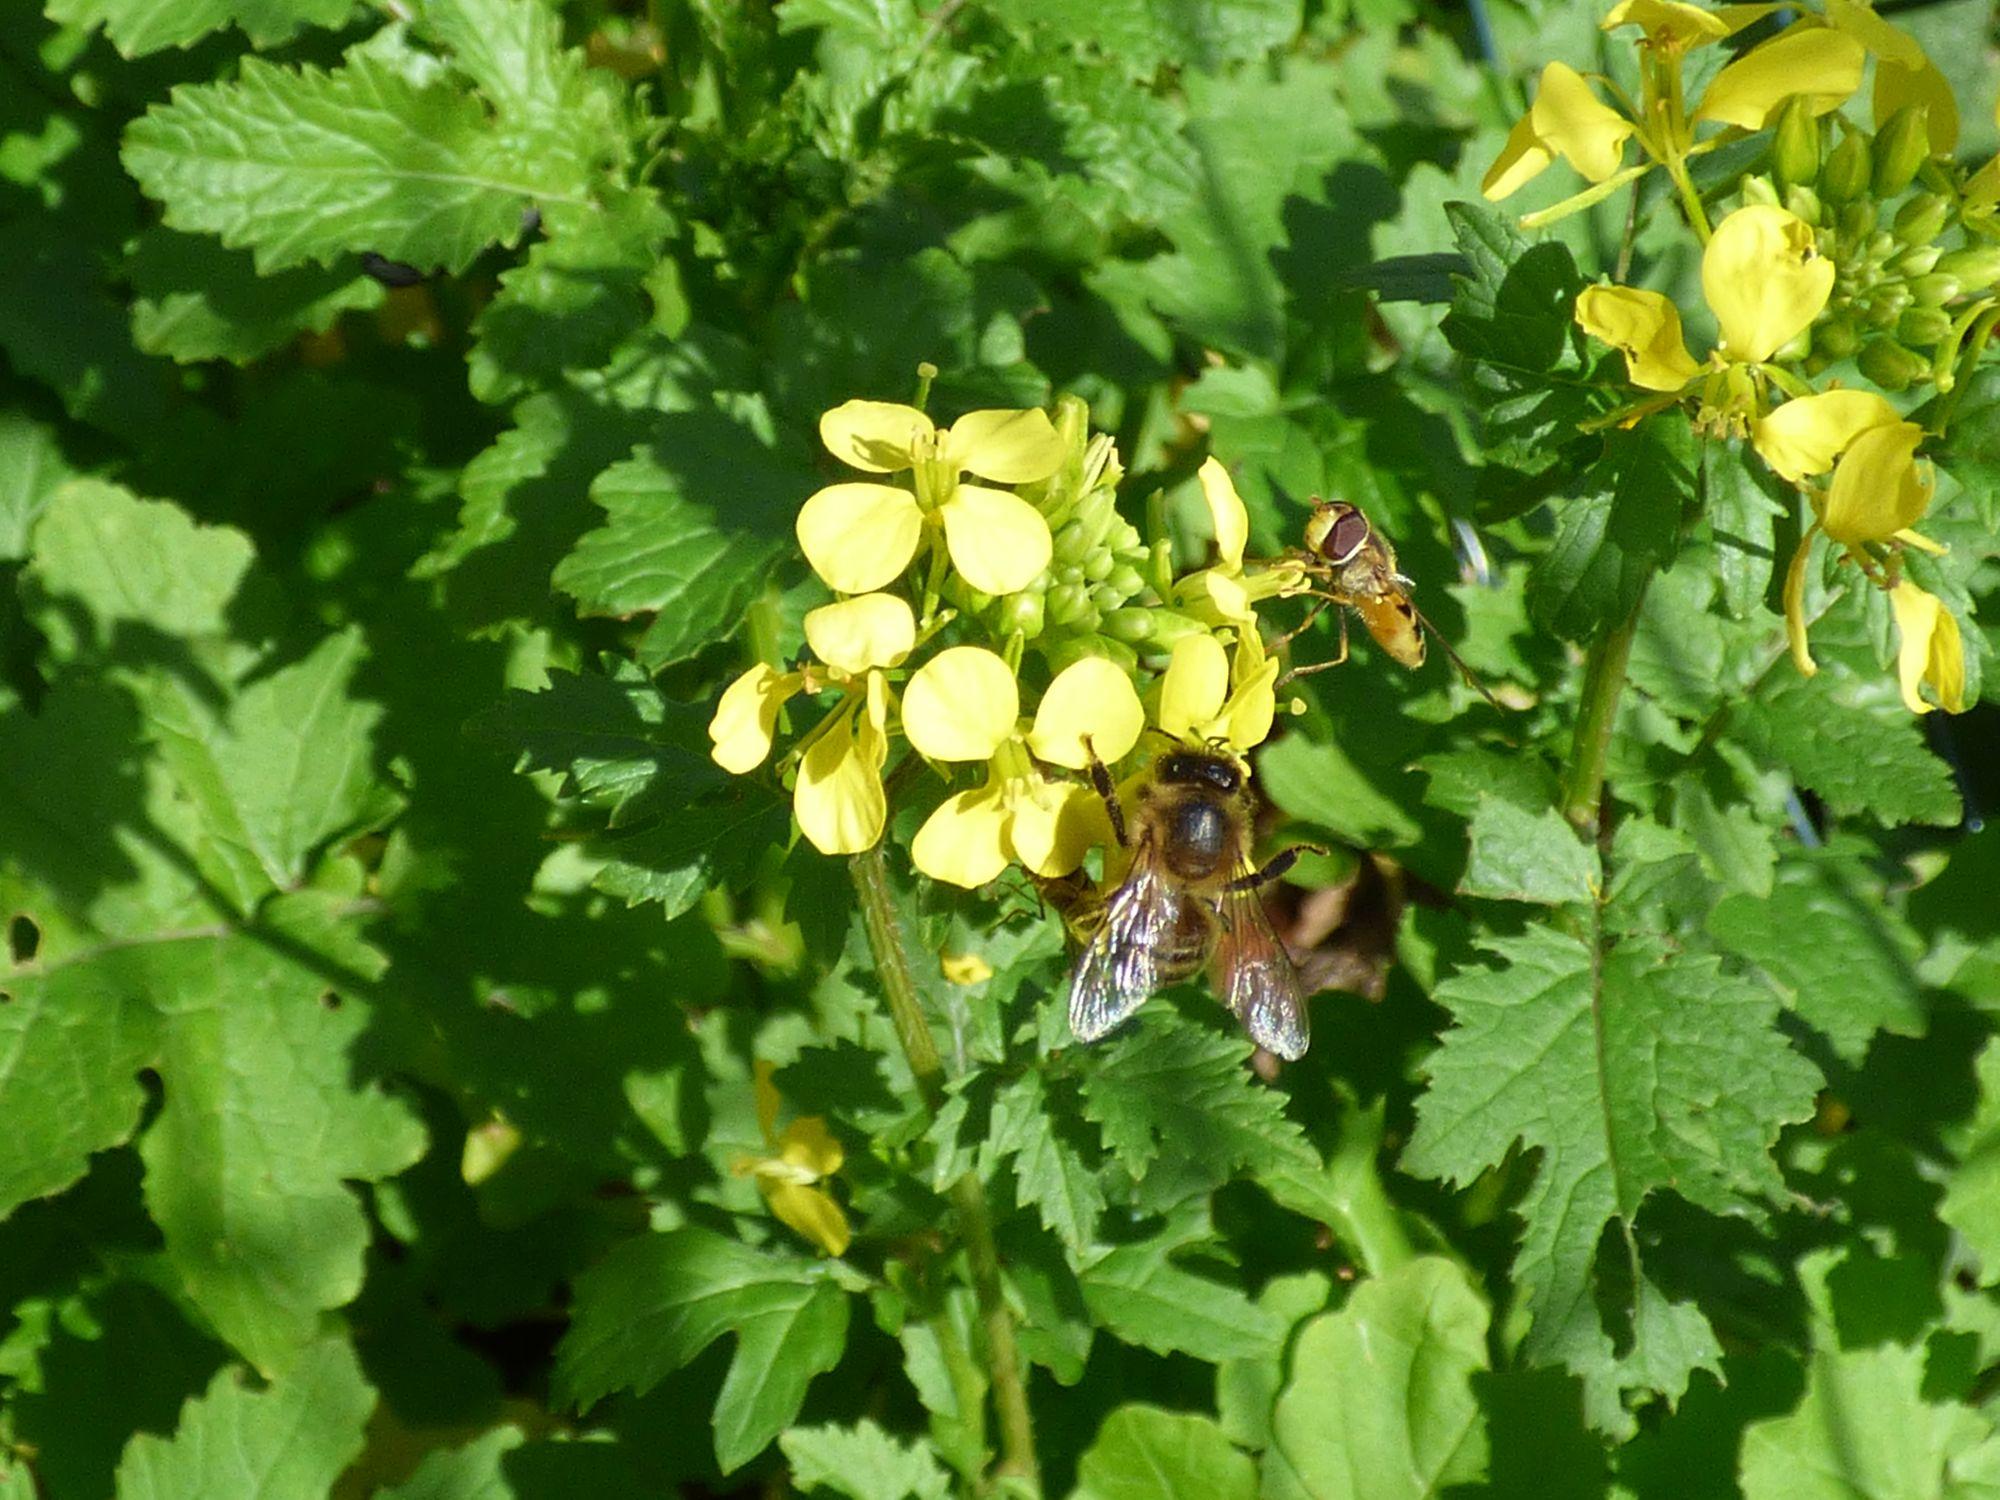 Senf auf den Beeten ist ein guter Gründünger und eine gute Bienenweide